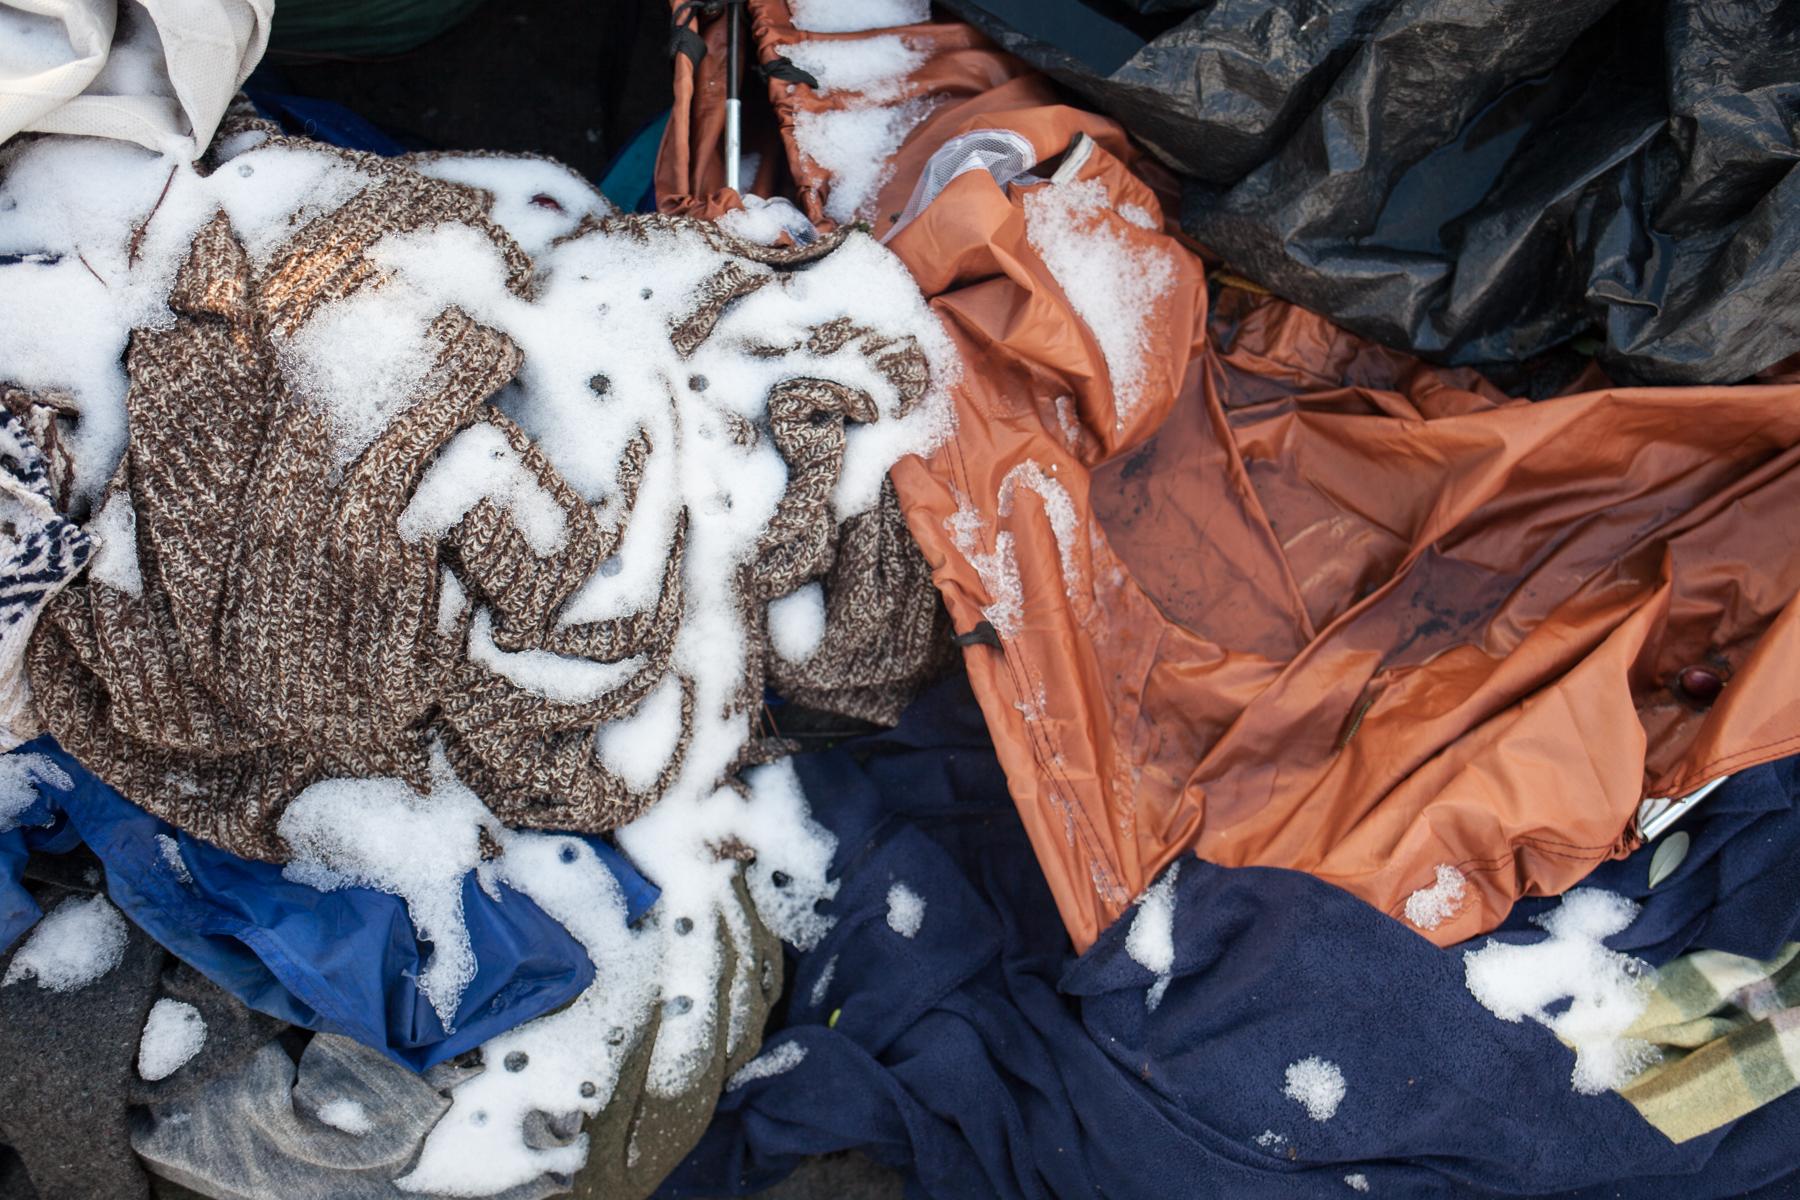 Bei klirrender Kälte halten sich Geflüchtete teilweise mehrere Tage draußen auf. Die winterliche Kälte machte im Januar sowohl Geflüchteten als den Freiwilligen zu schaffen.